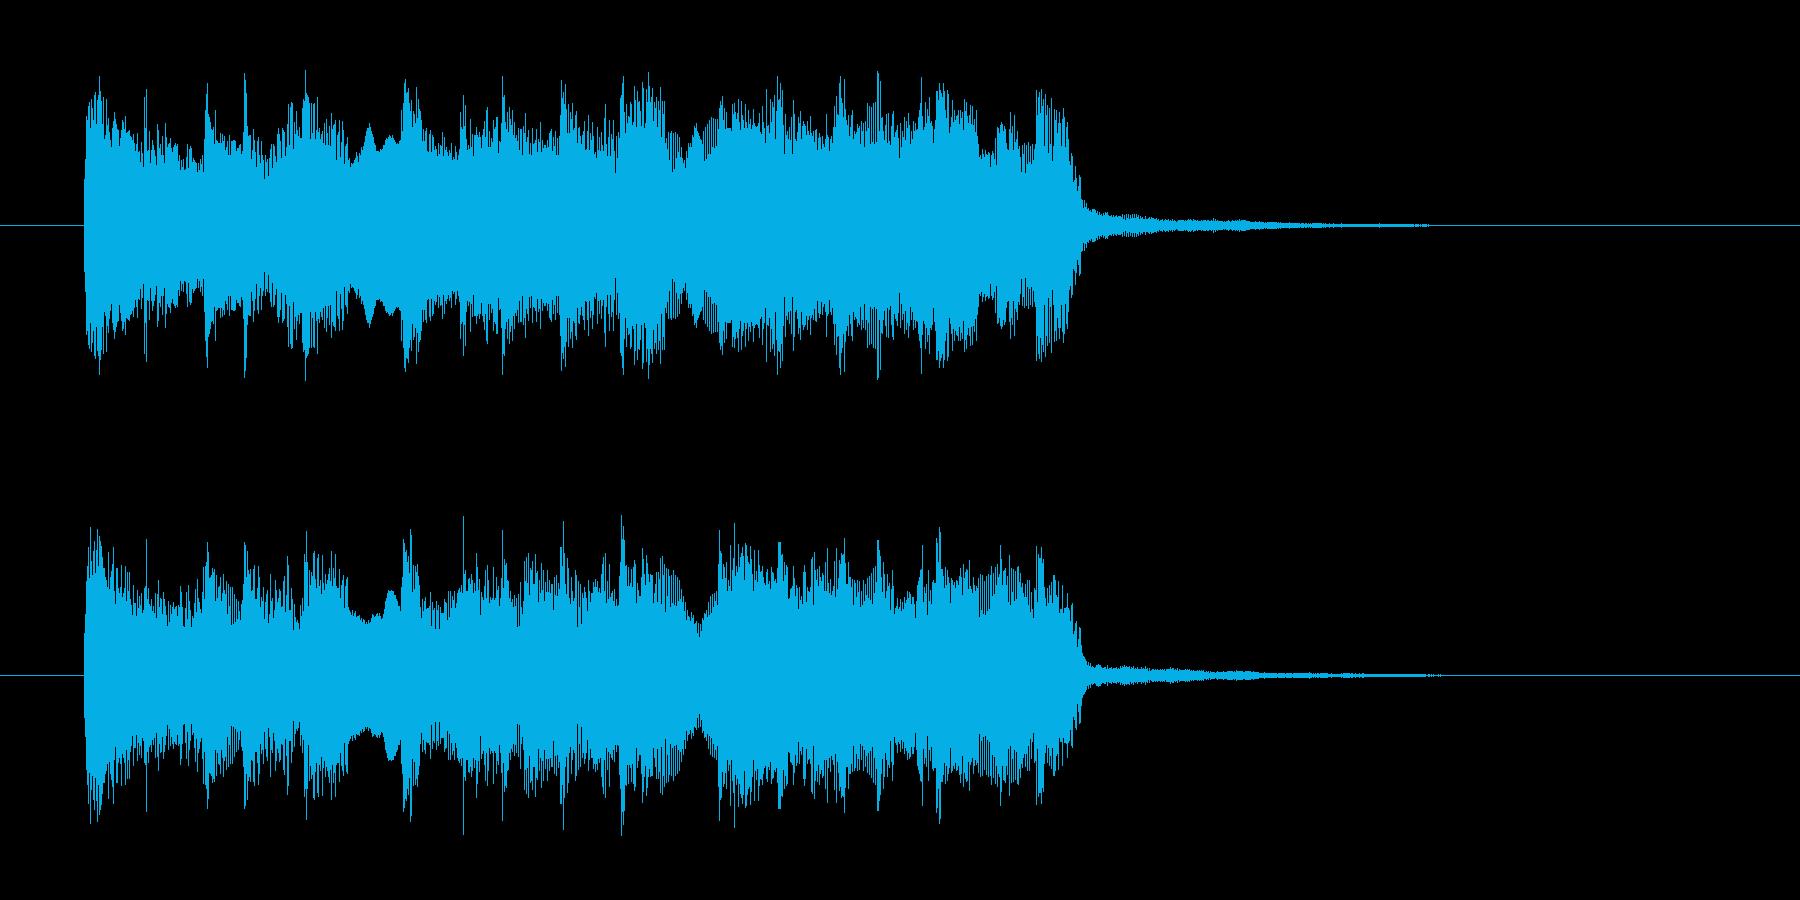 明るくわくわく感の打楽器管楽器サウンドの再生済みの波形